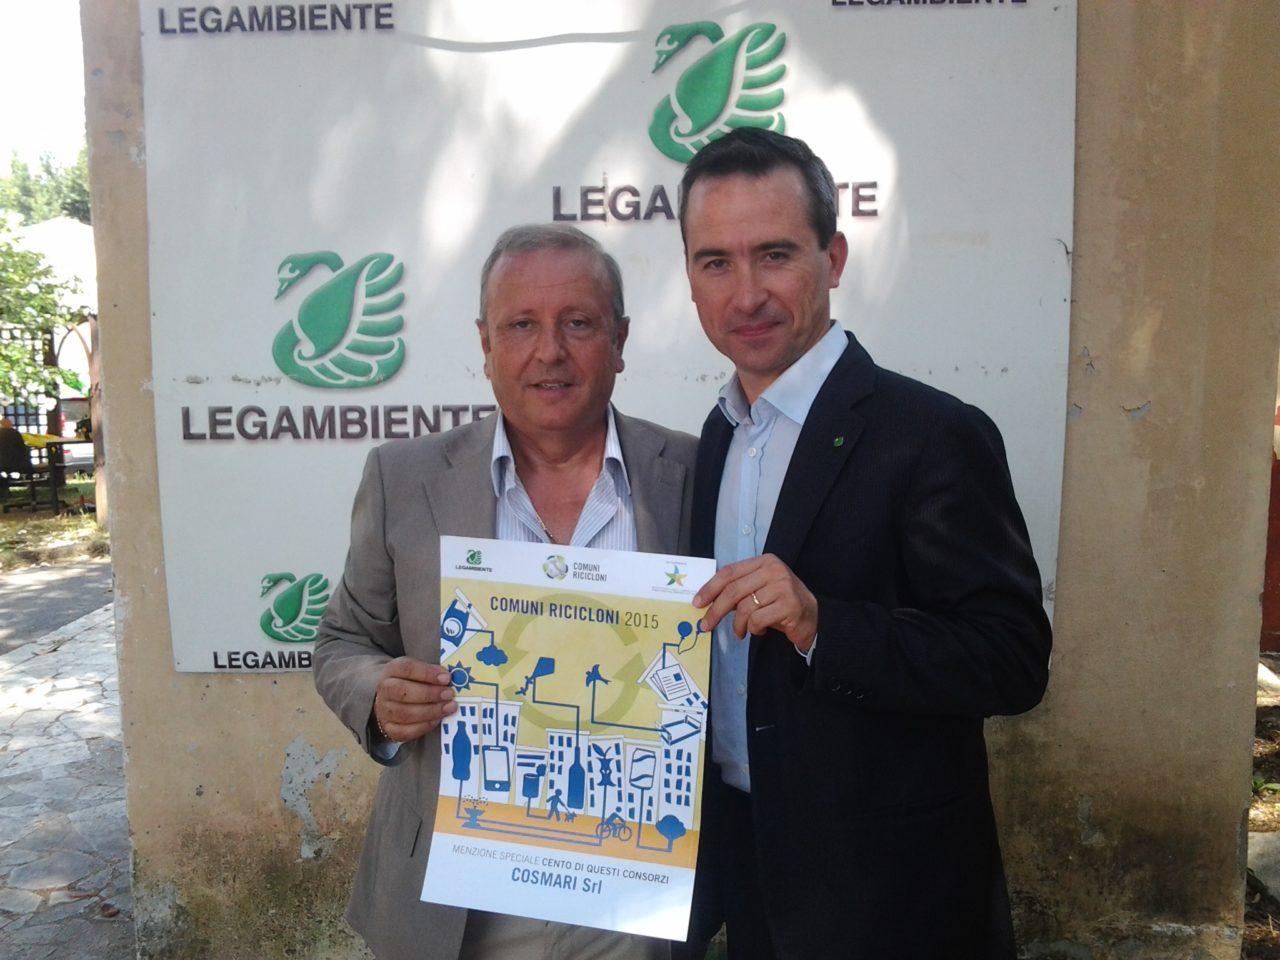 Comuni Ricicloni 2016 - Il Direttore del Cosmari Giuseppe Giampaoli e il Direttore Nazionale di Legambiente